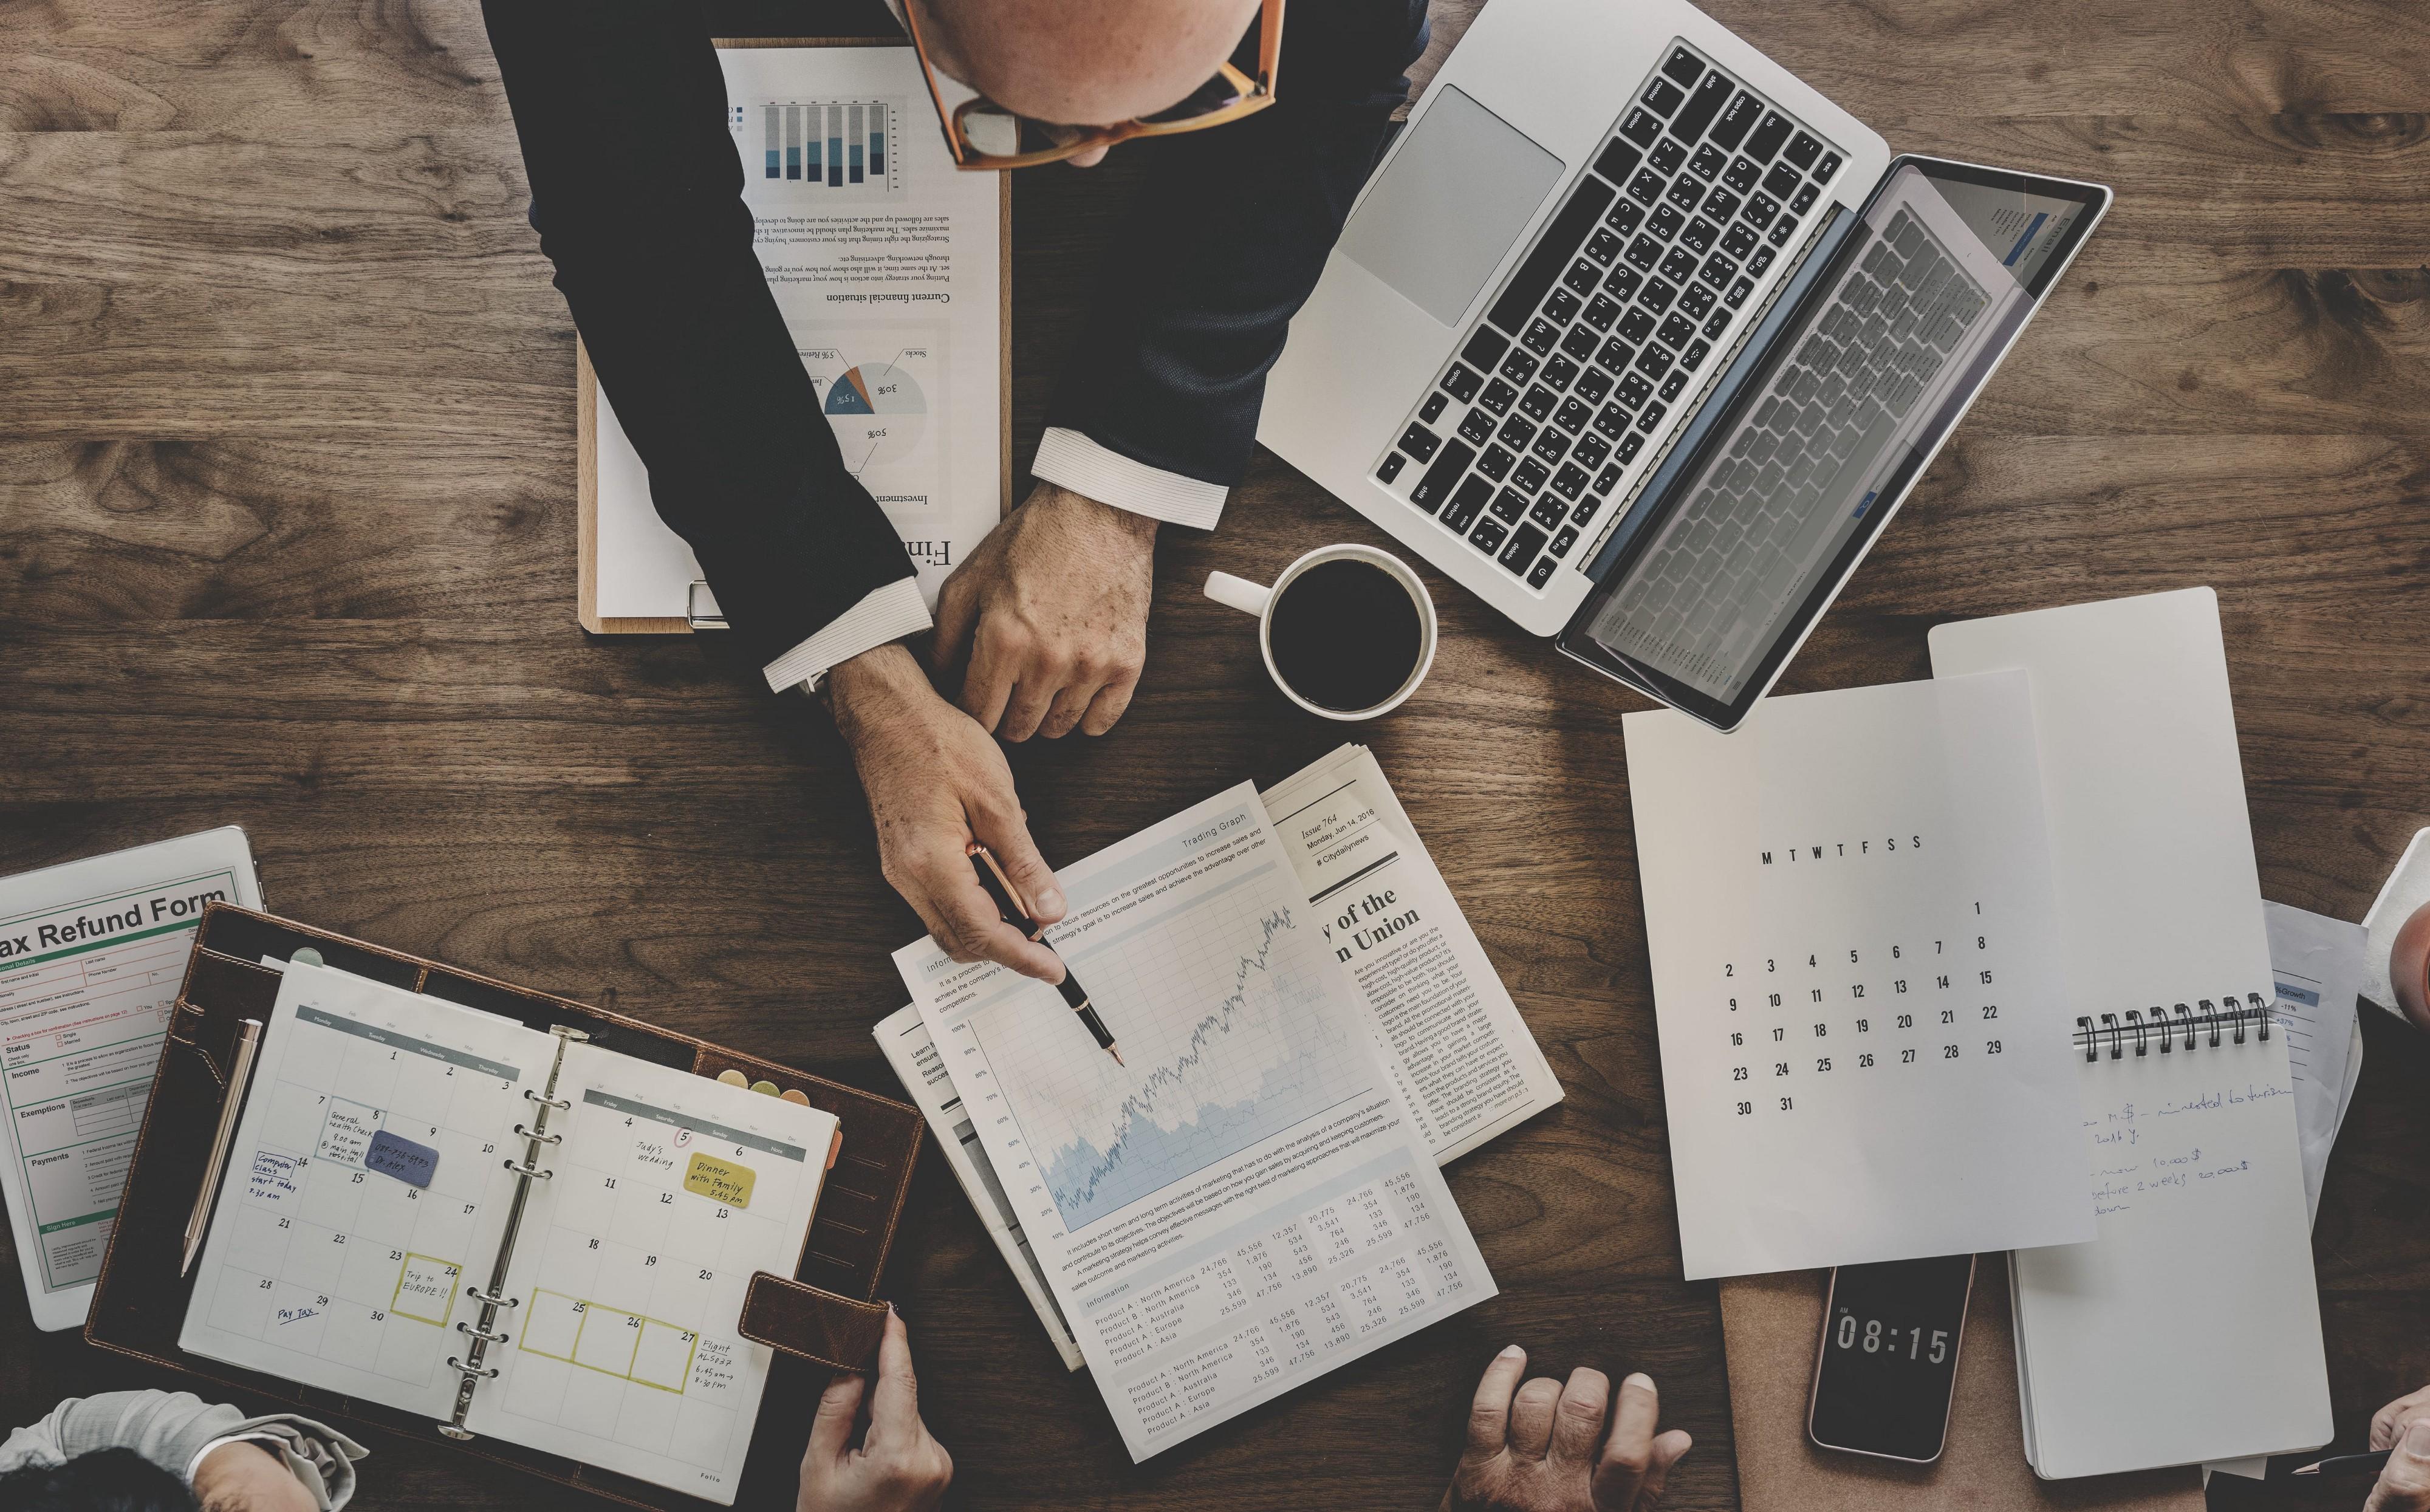 Diez consejos prácticos para mejorar su plan de negocio